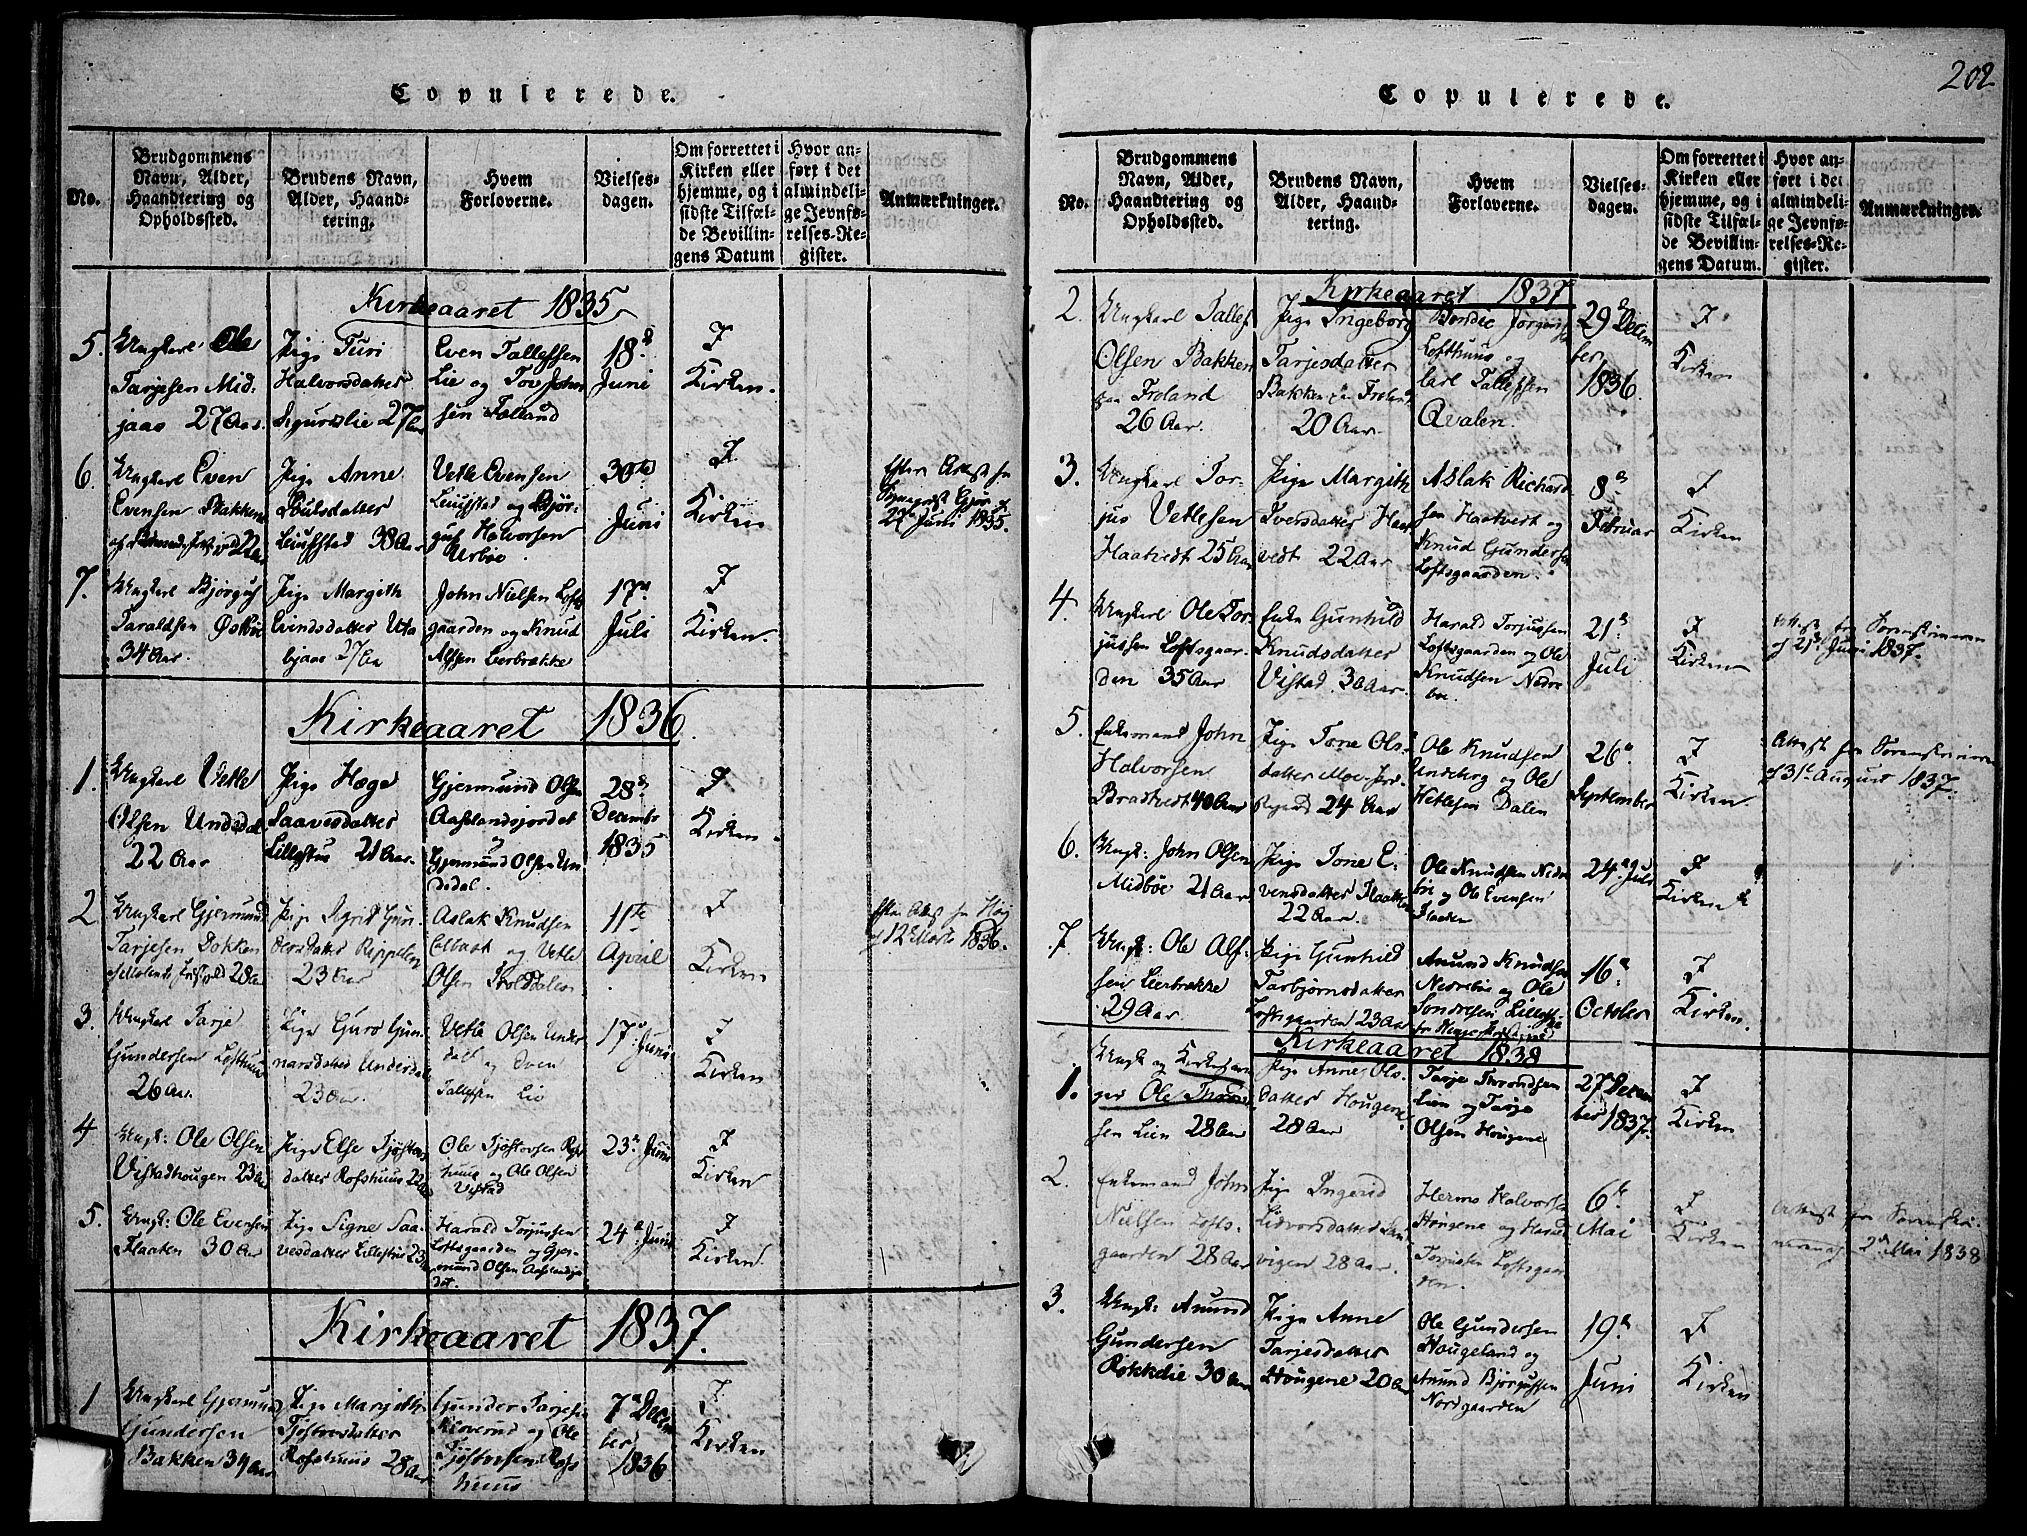 SAKO, Mo kirkebøker, F/Fa/L0004: Ministerialbok nr. I 4, 1814-1844, s. 202